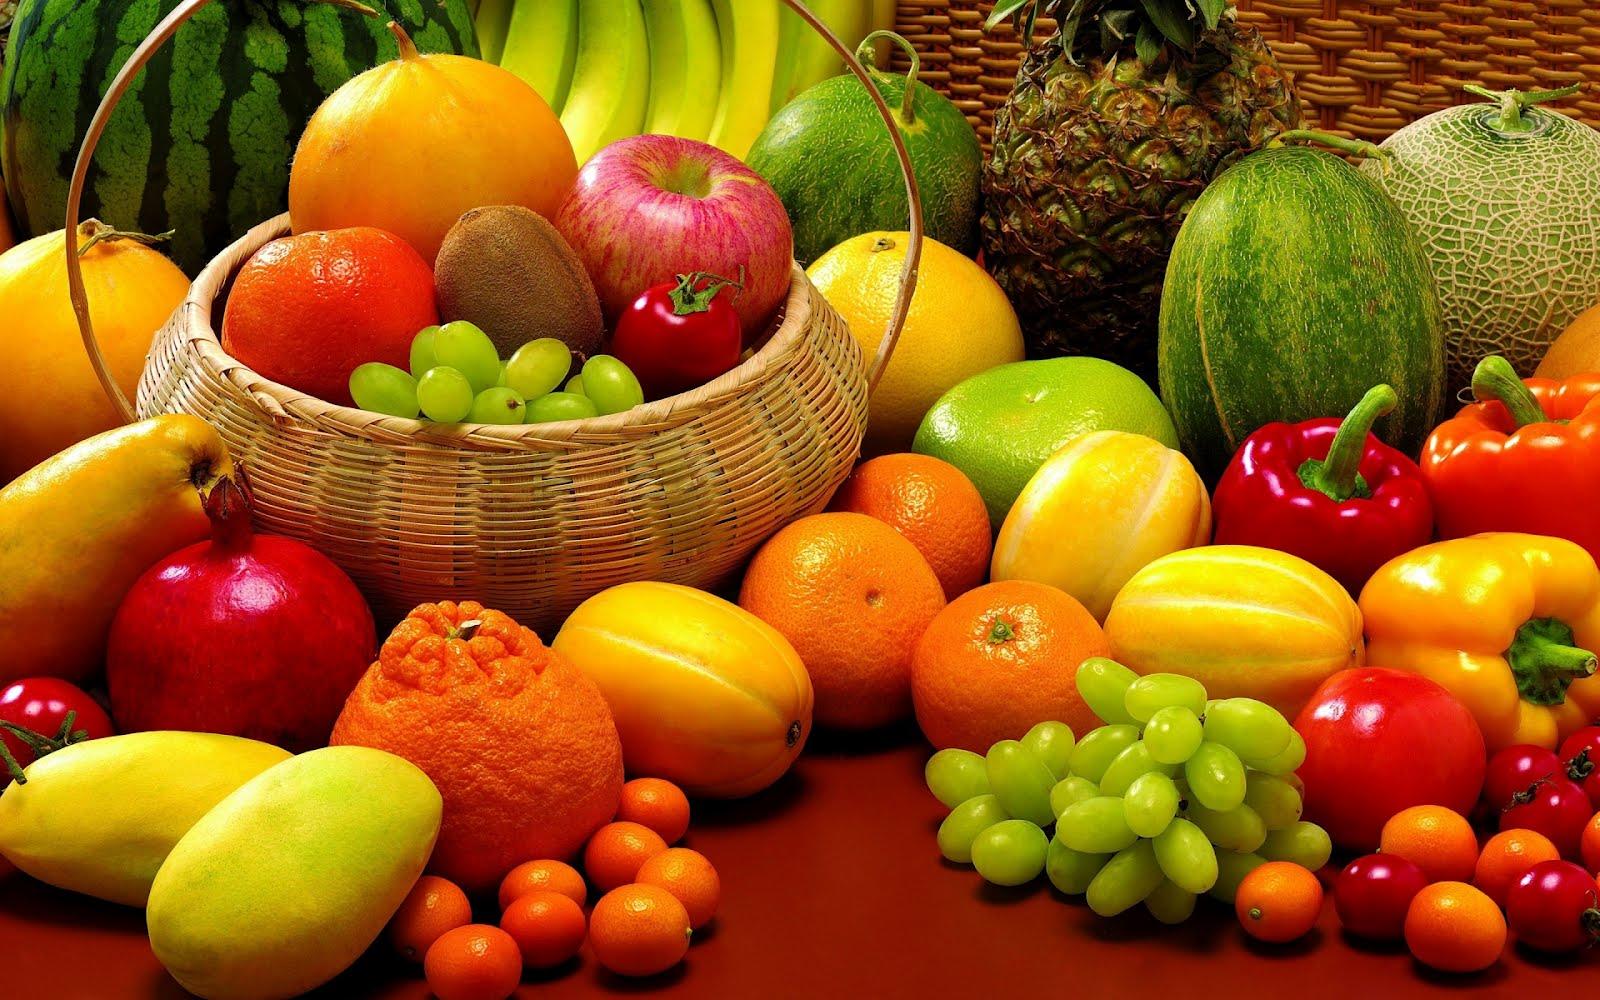 El Sabor Verdadero de las Frutas